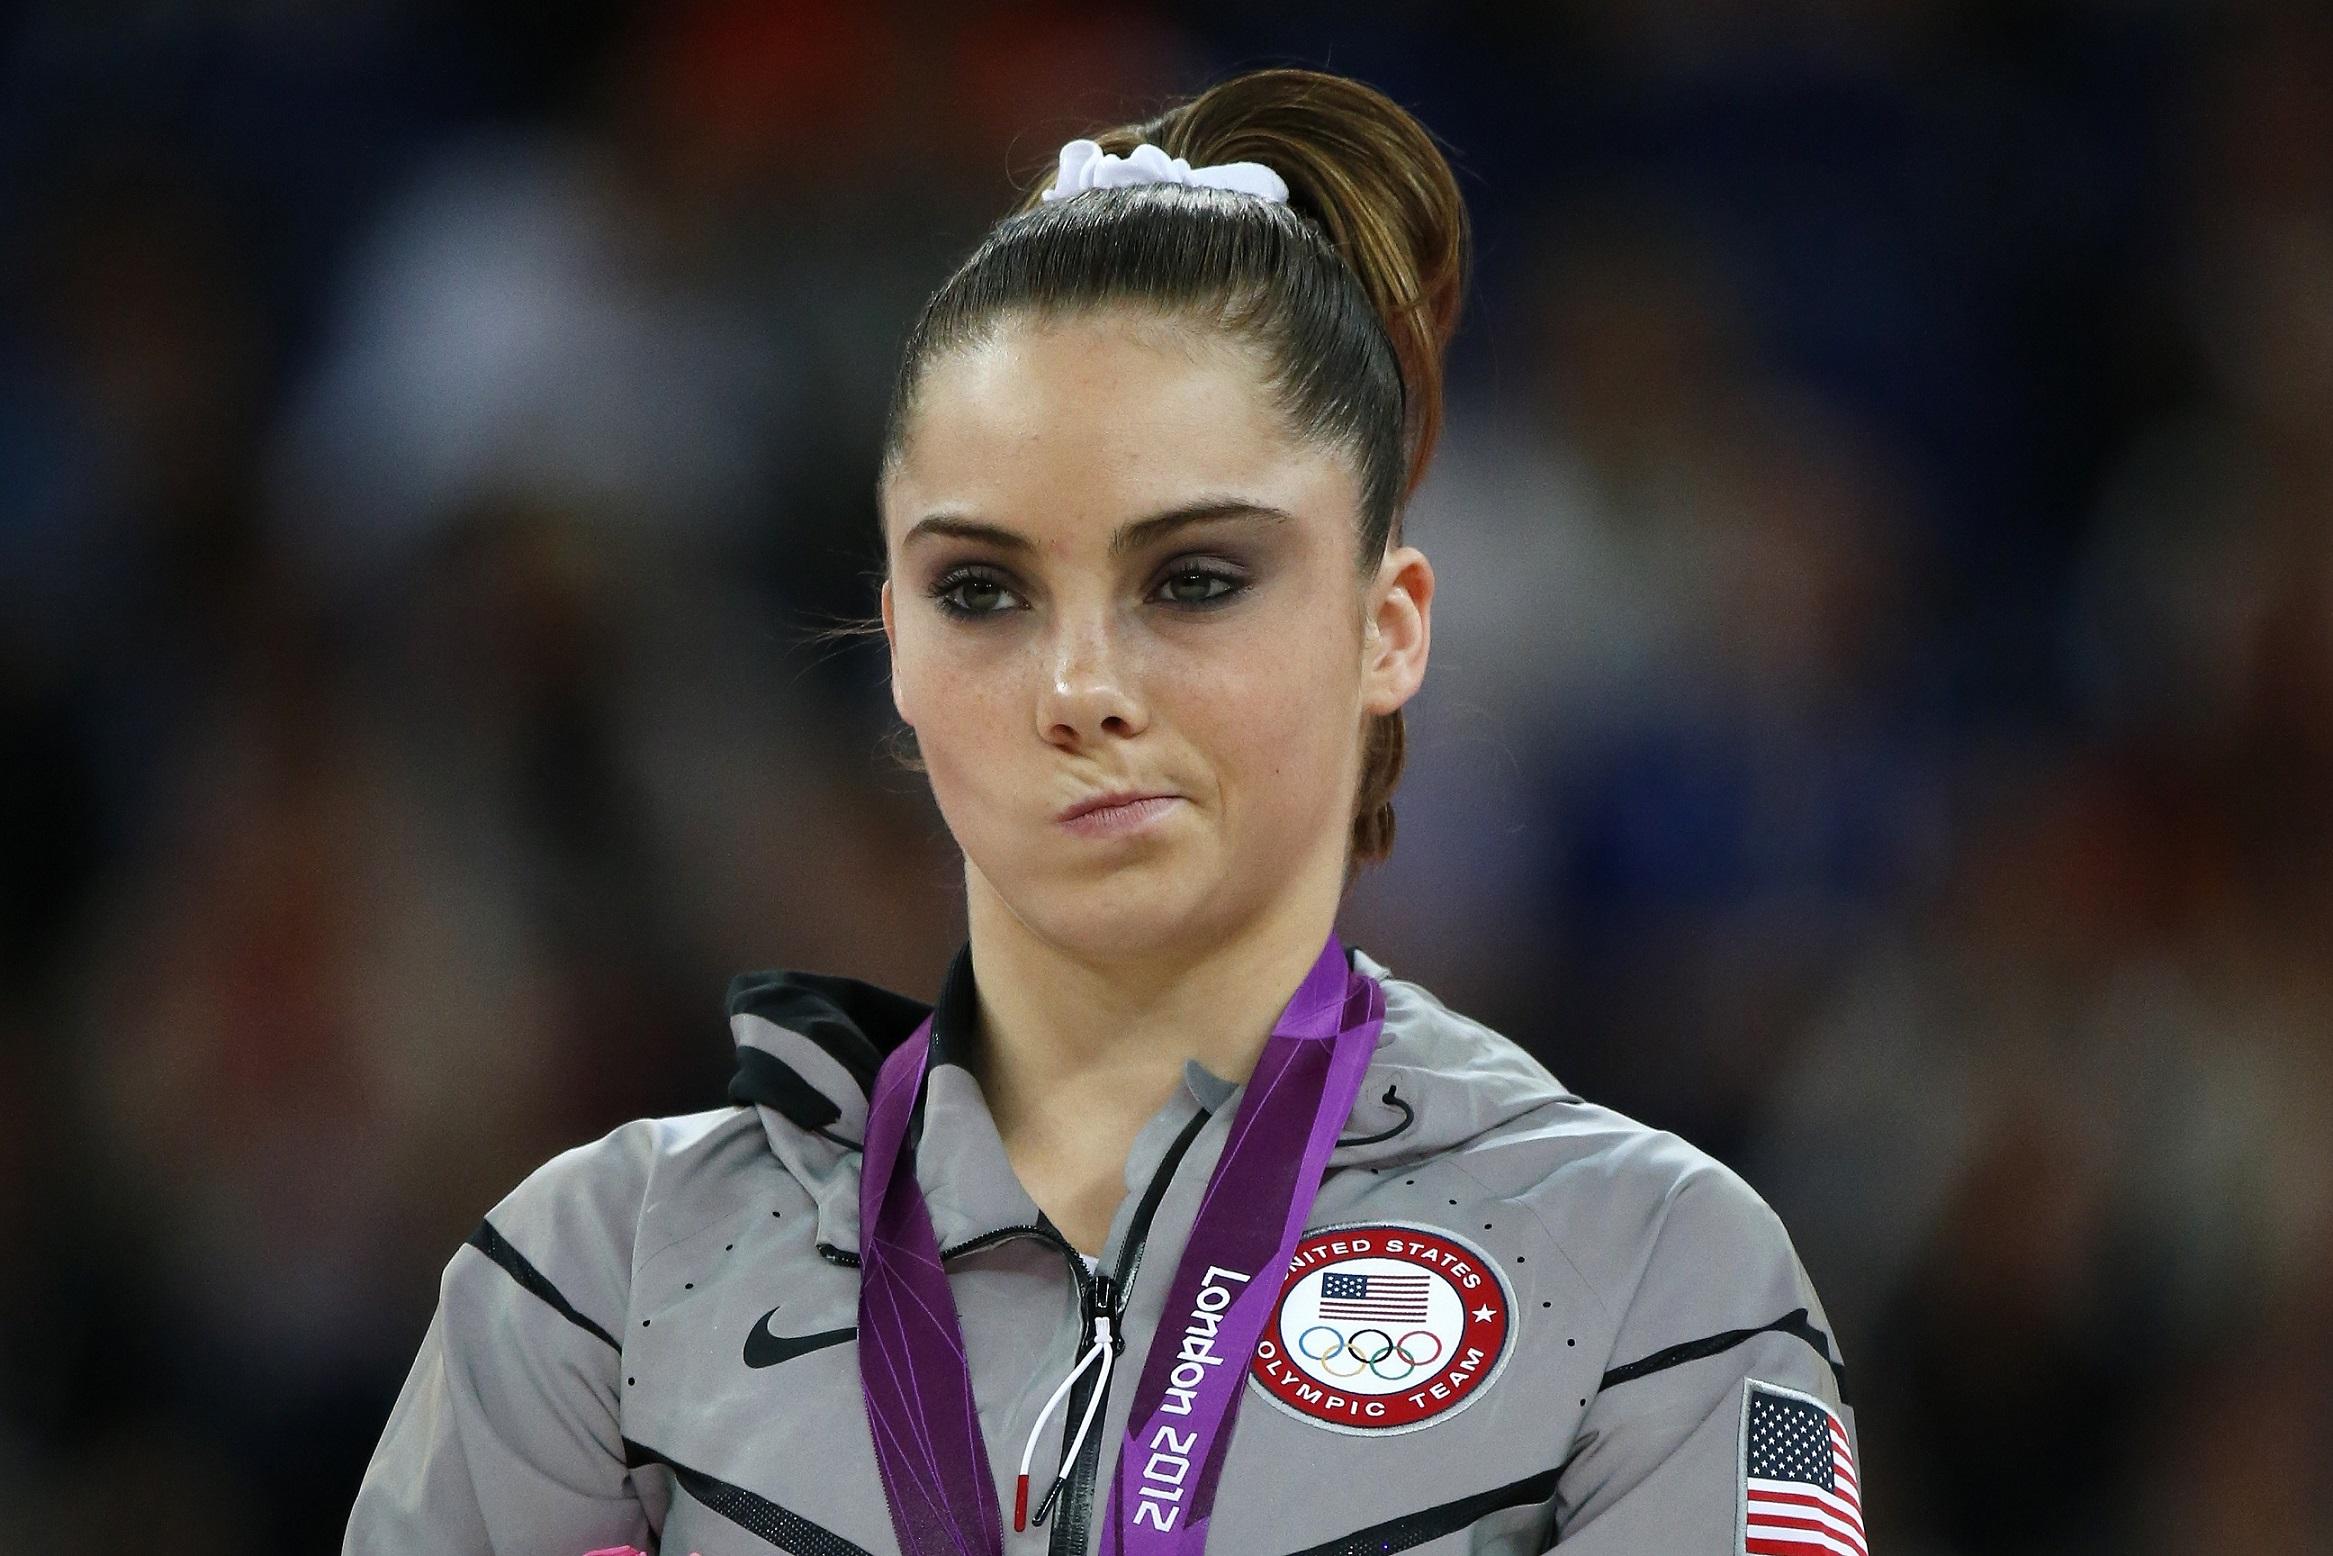 Célebre foto de Maroney en los Juegos que la hizo famosa (YOUTUBE).